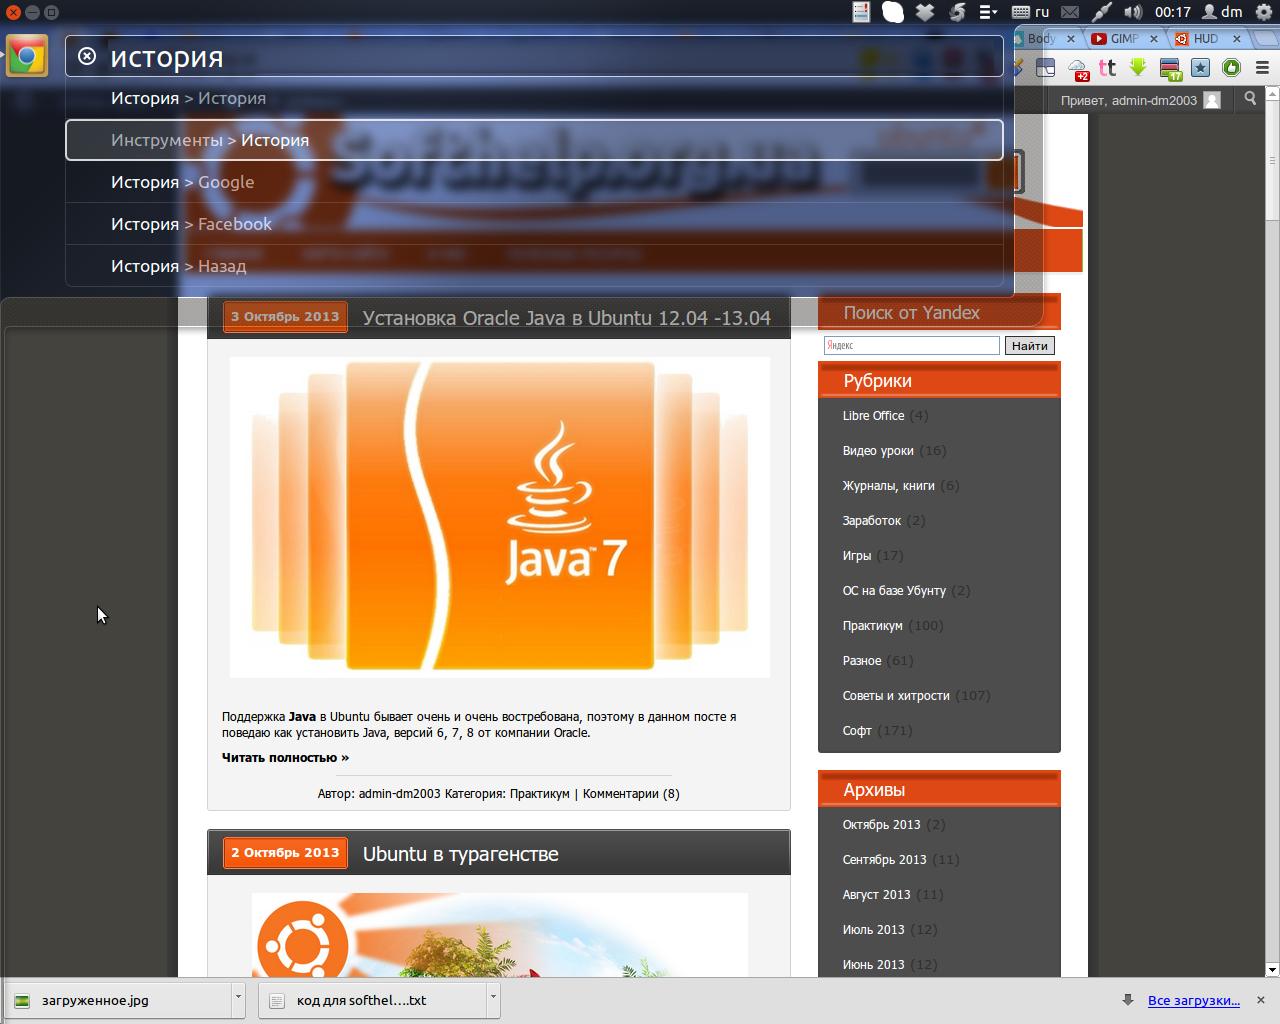 Снимок экрана от 2013-10-06 00:17:18